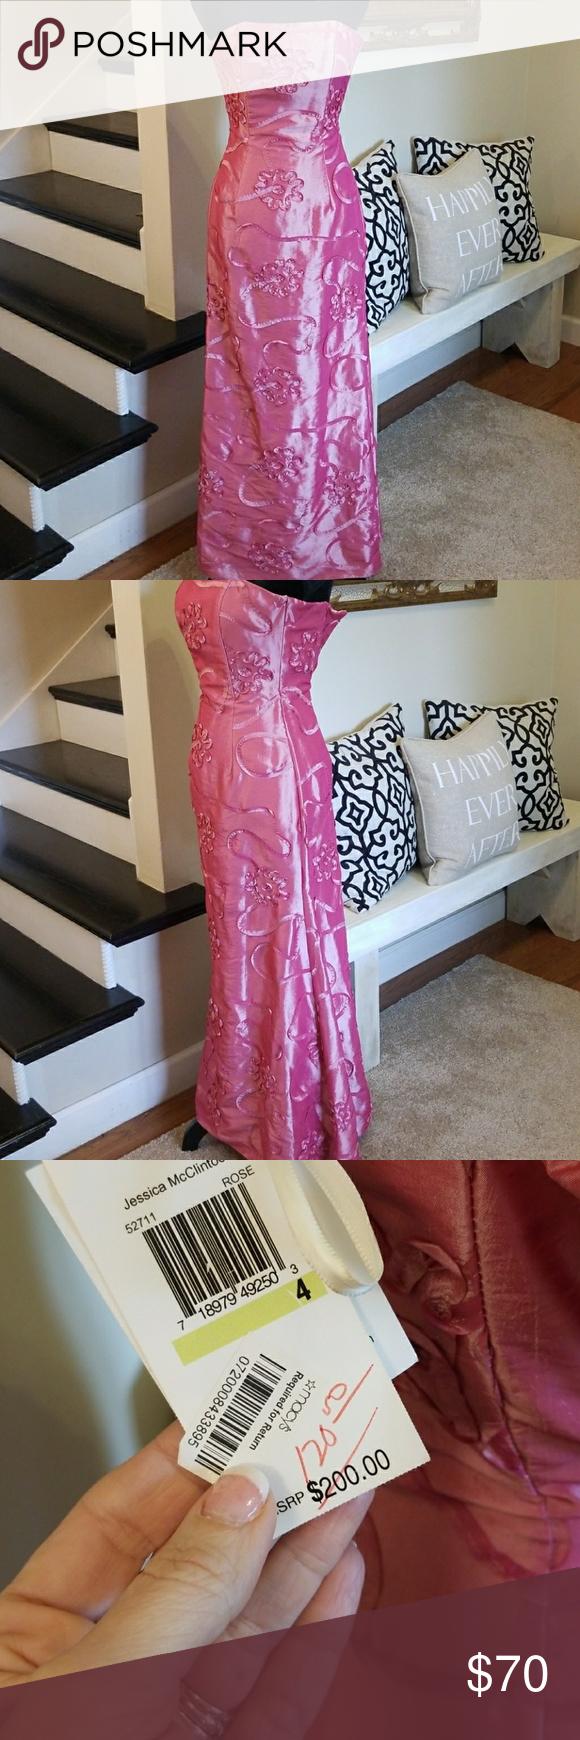 Jessica McClintock Prom Formal Dress NWT